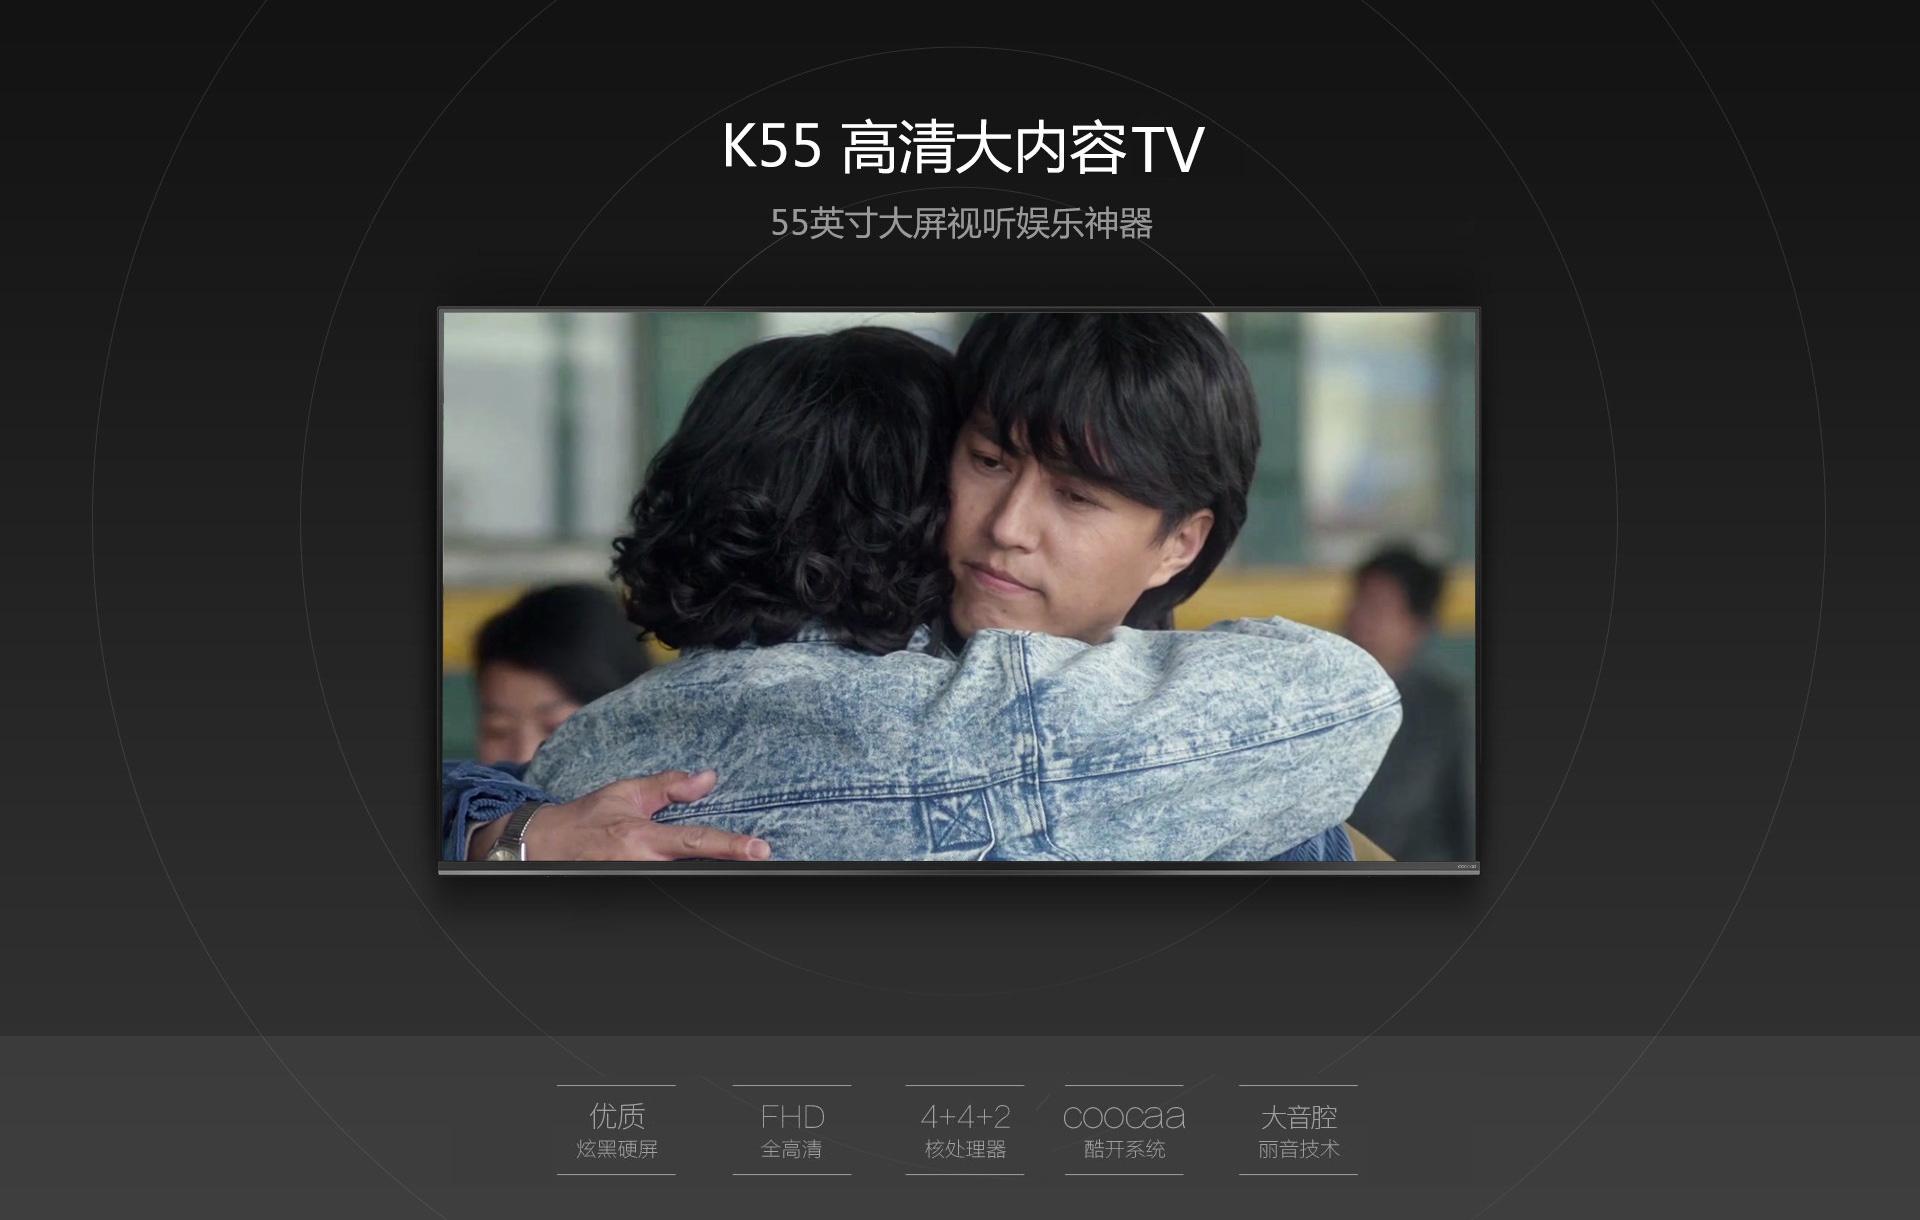 酷开K55 高清大内容TV